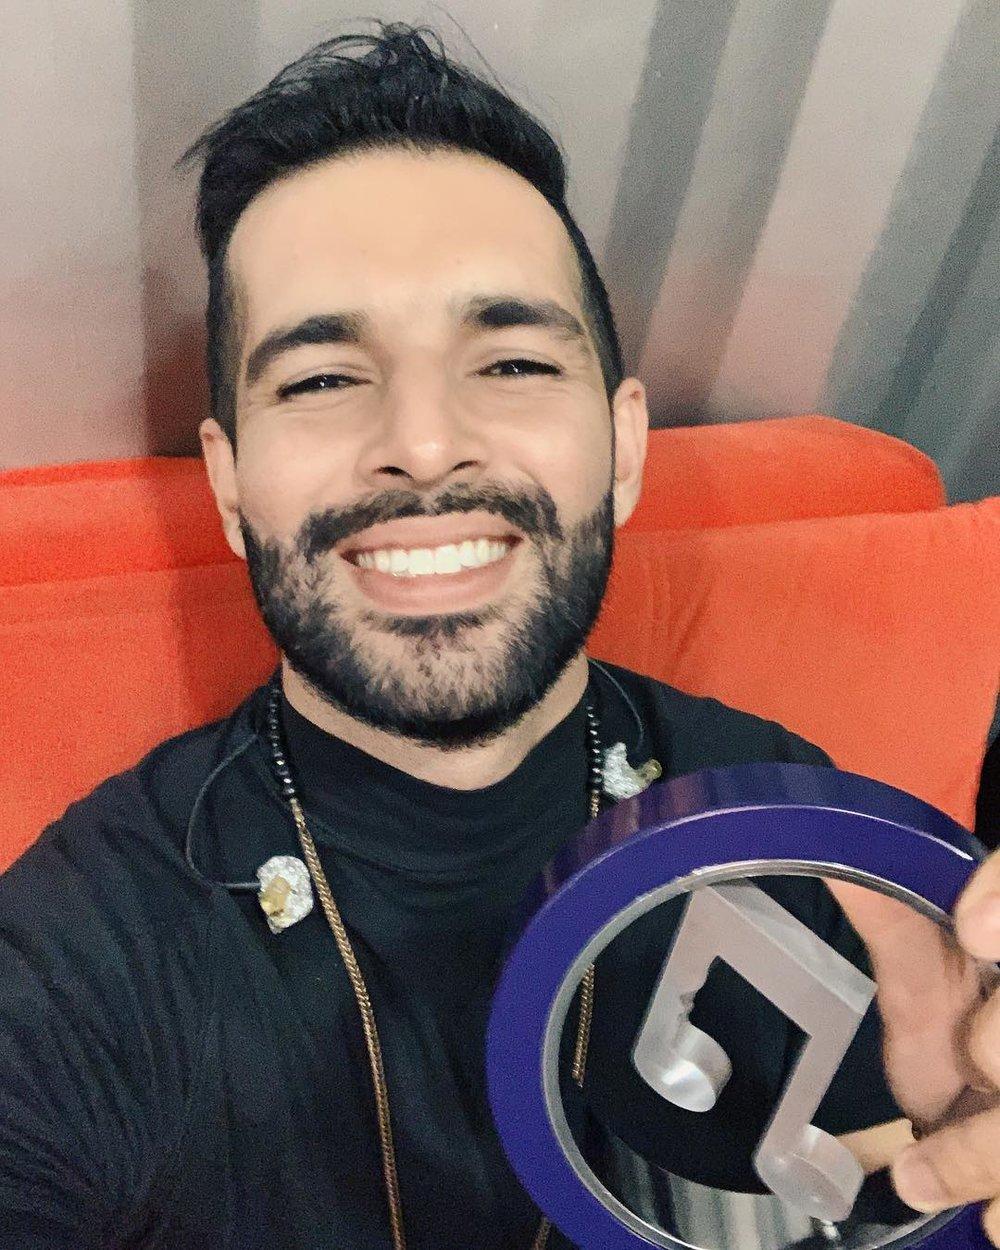 Juanito: - El premio es levantarme todos los días a hacer lo que me hace feliz! Pero aprovecho para reiterar mi agradecimiento a @migentetv por celebrar nuestra música!